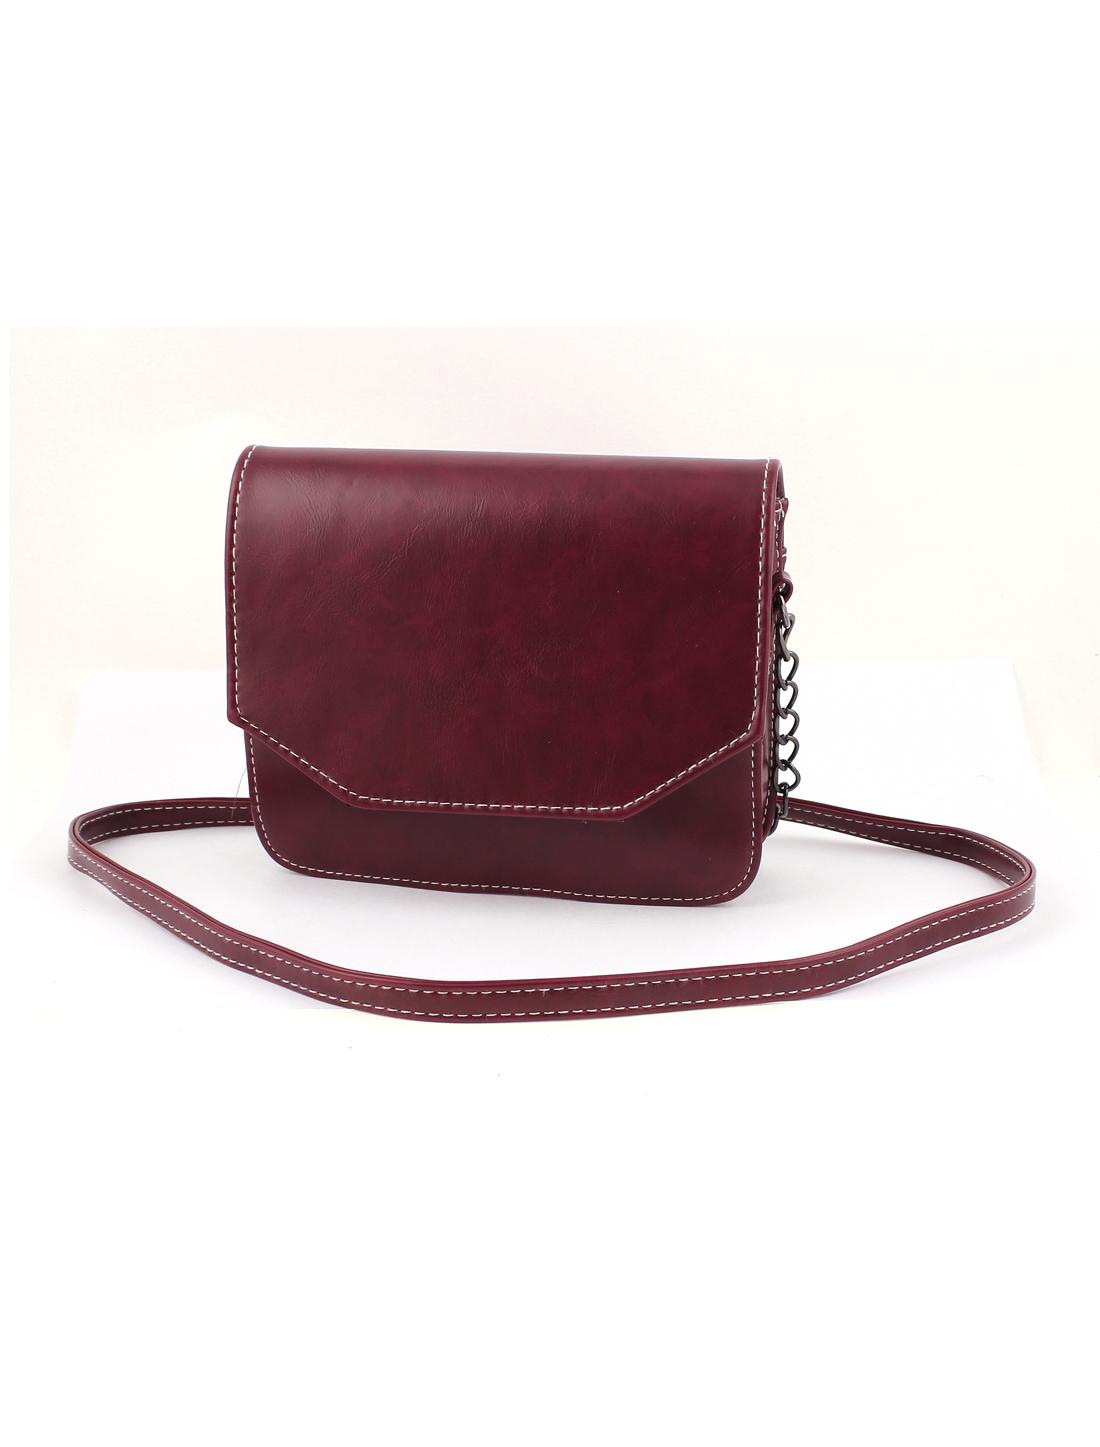 Women Vintage Style PU Leather Mini Shoulderbag Messenger Bag Satchel Burgundy